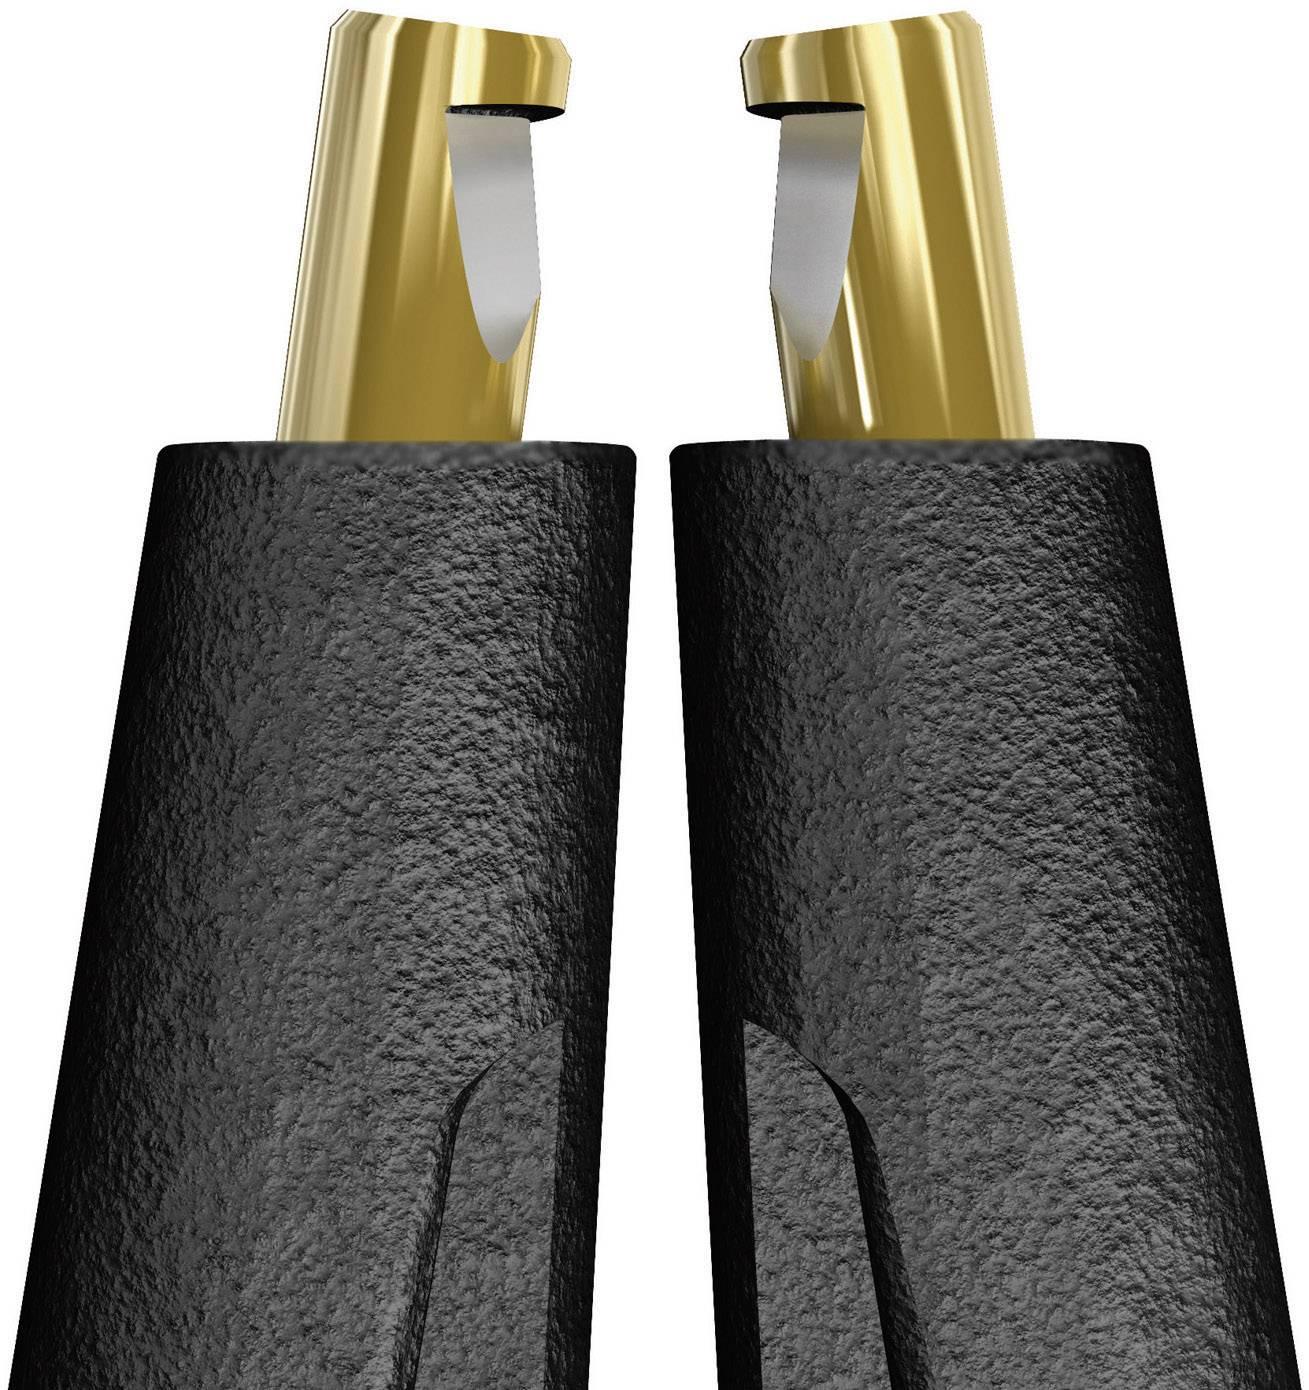 Kleště rovné pro vnitřní pojistné kroužky Wiha, 19 - 60 mm, délka 180 mm